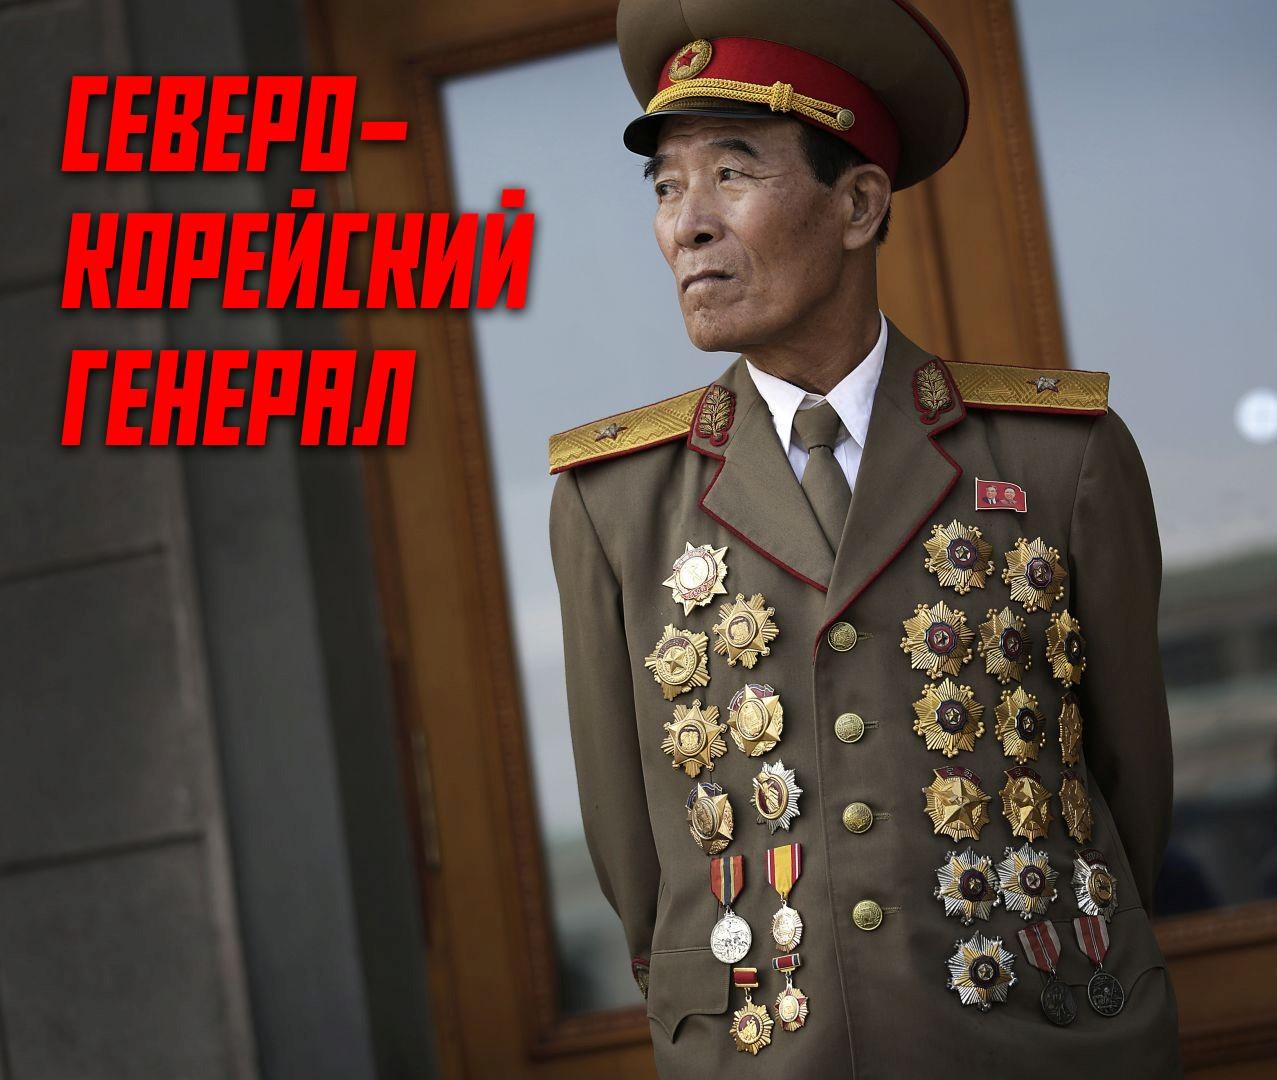 северокорейский генерал